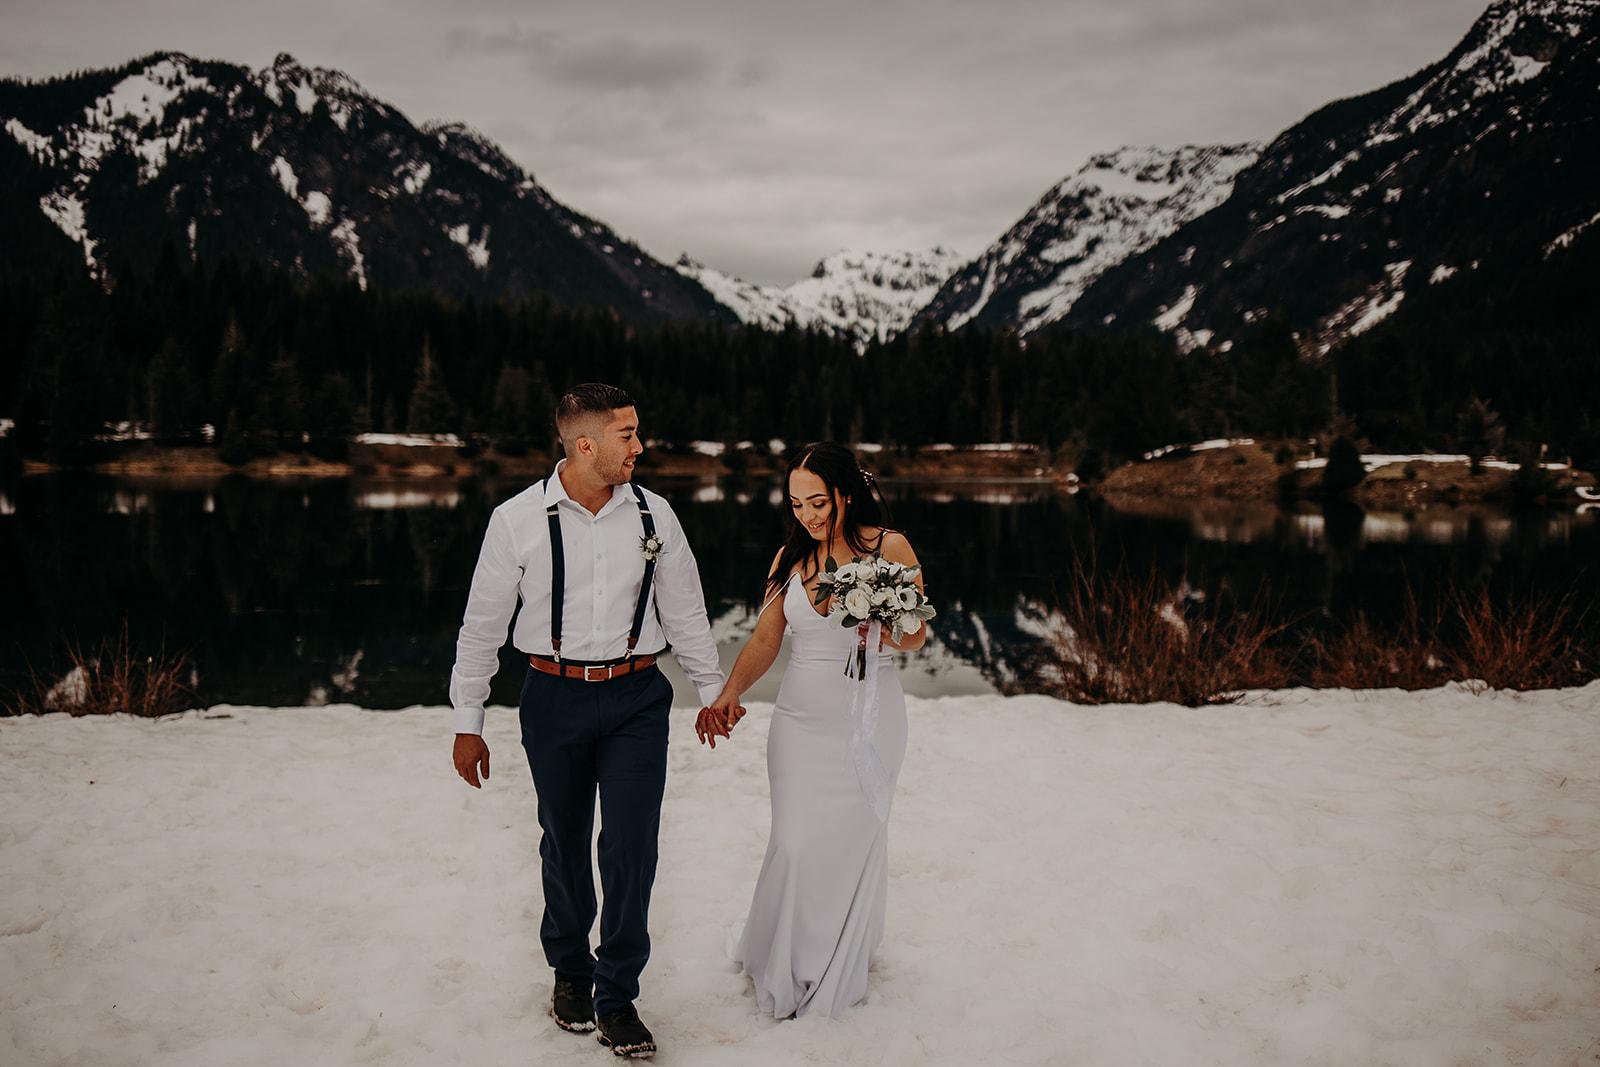 winter-mountain-elopement-asheville-wedding-photographer-megan-gallagher-photographer (54).jpg